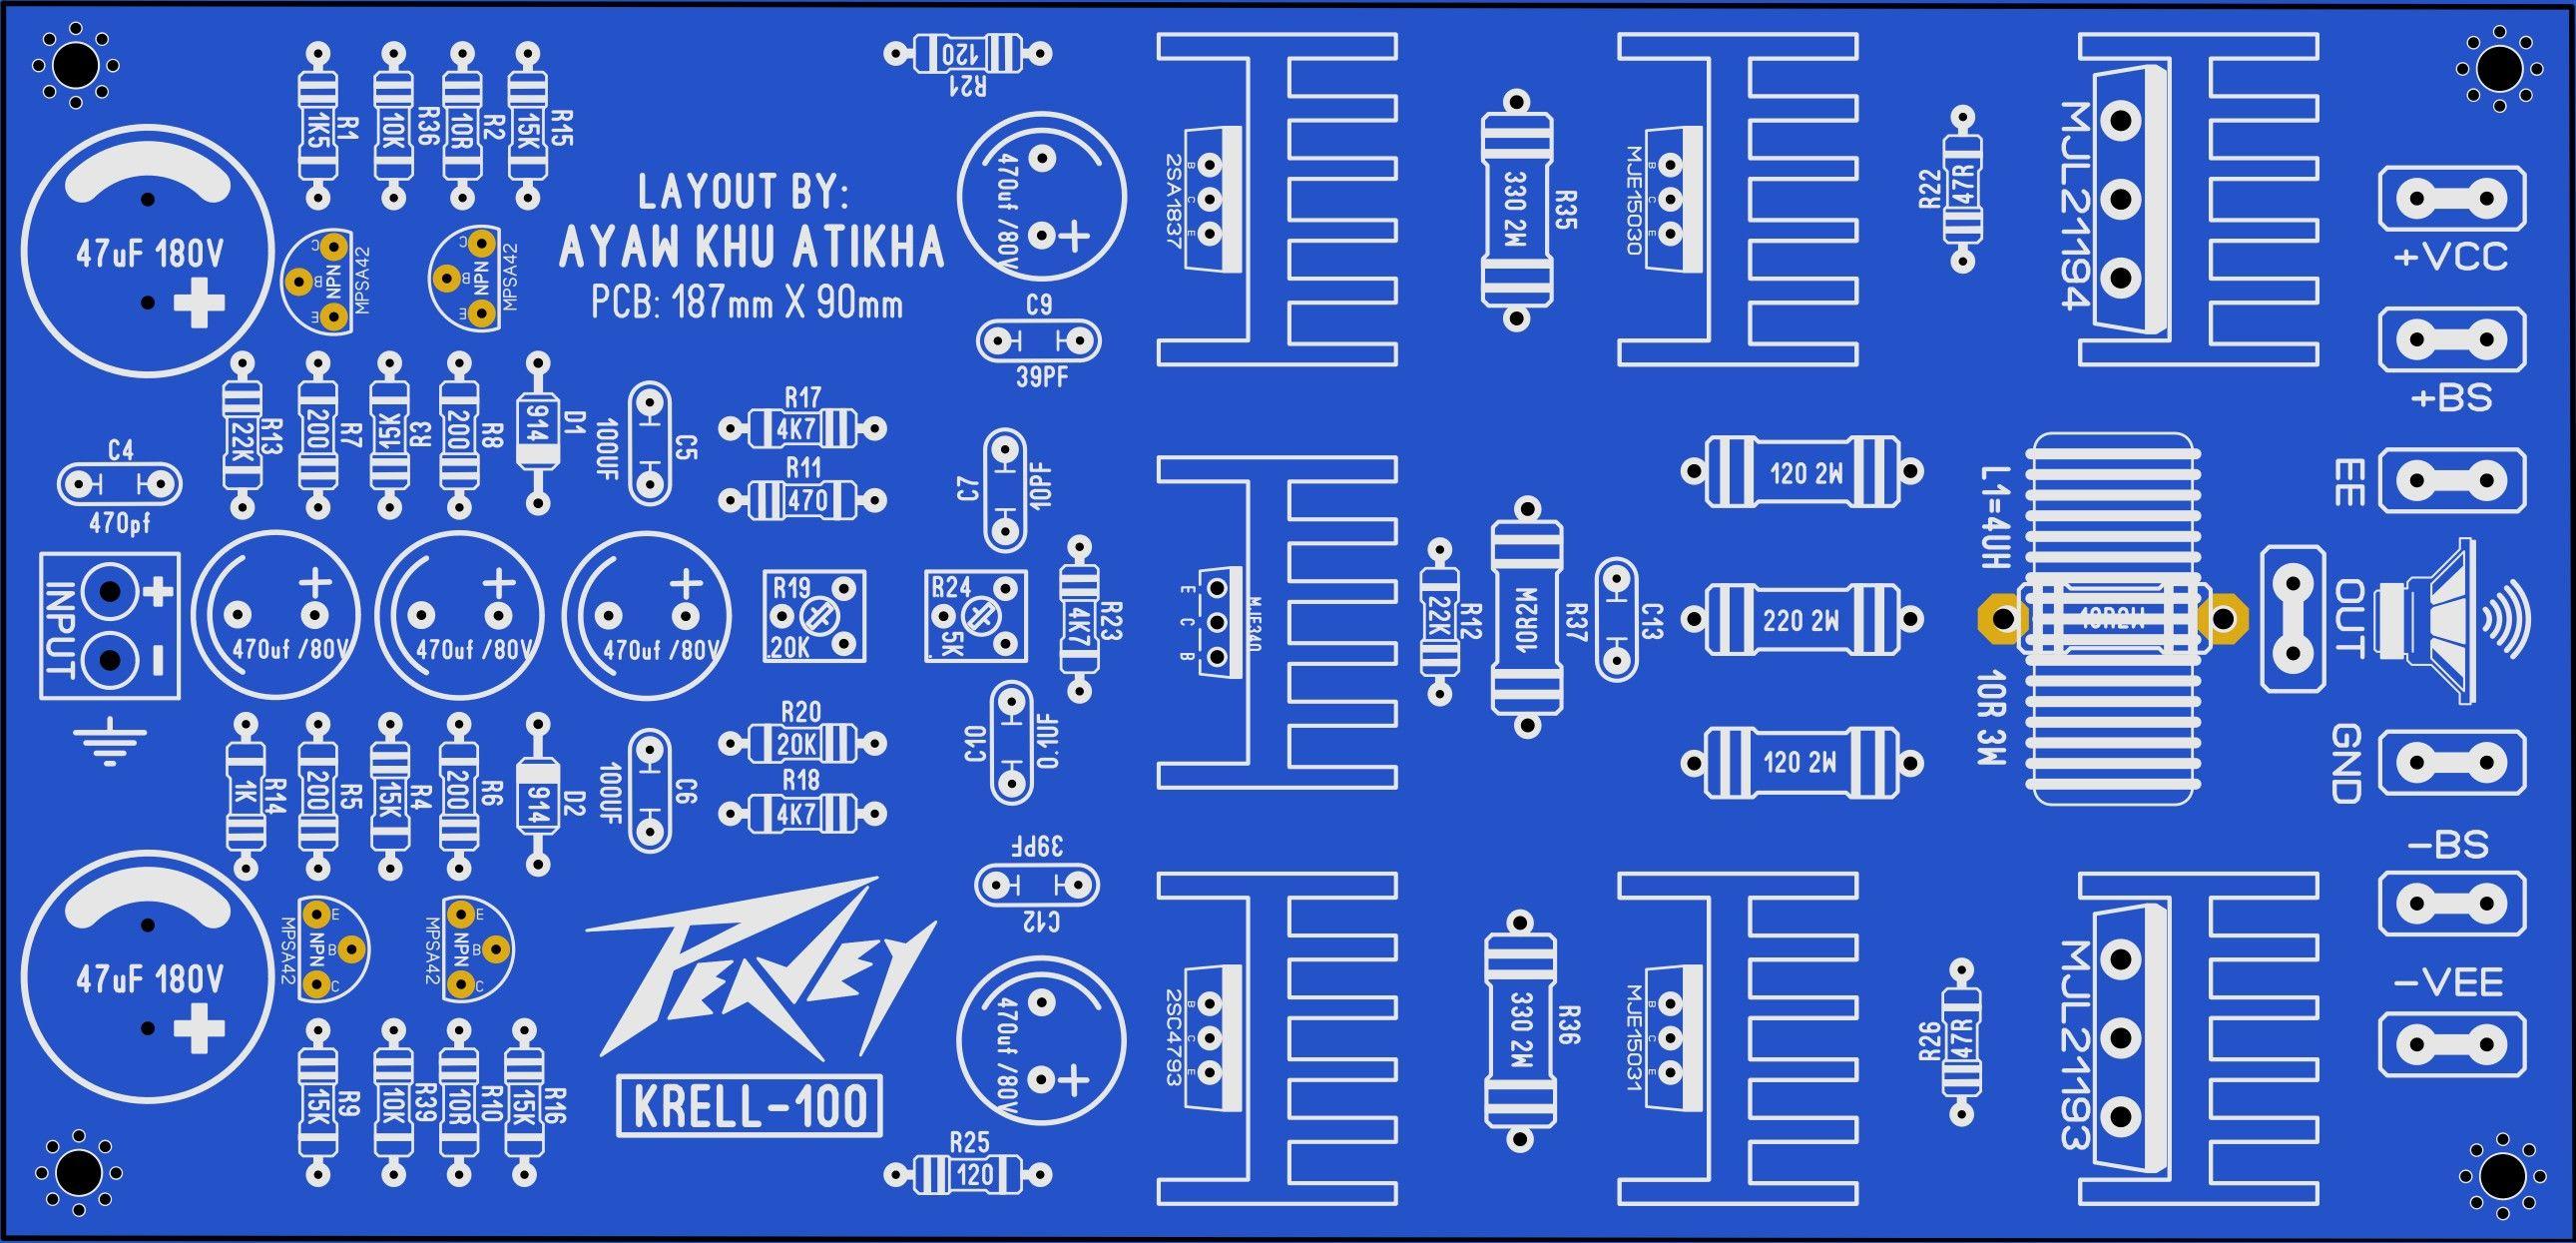 Peavey Krell 100 Ayaw Khu Atikha Electronics Pcb Project Pinoy 2sa1943 8211 2sc5200 Schema And Layout For Audio